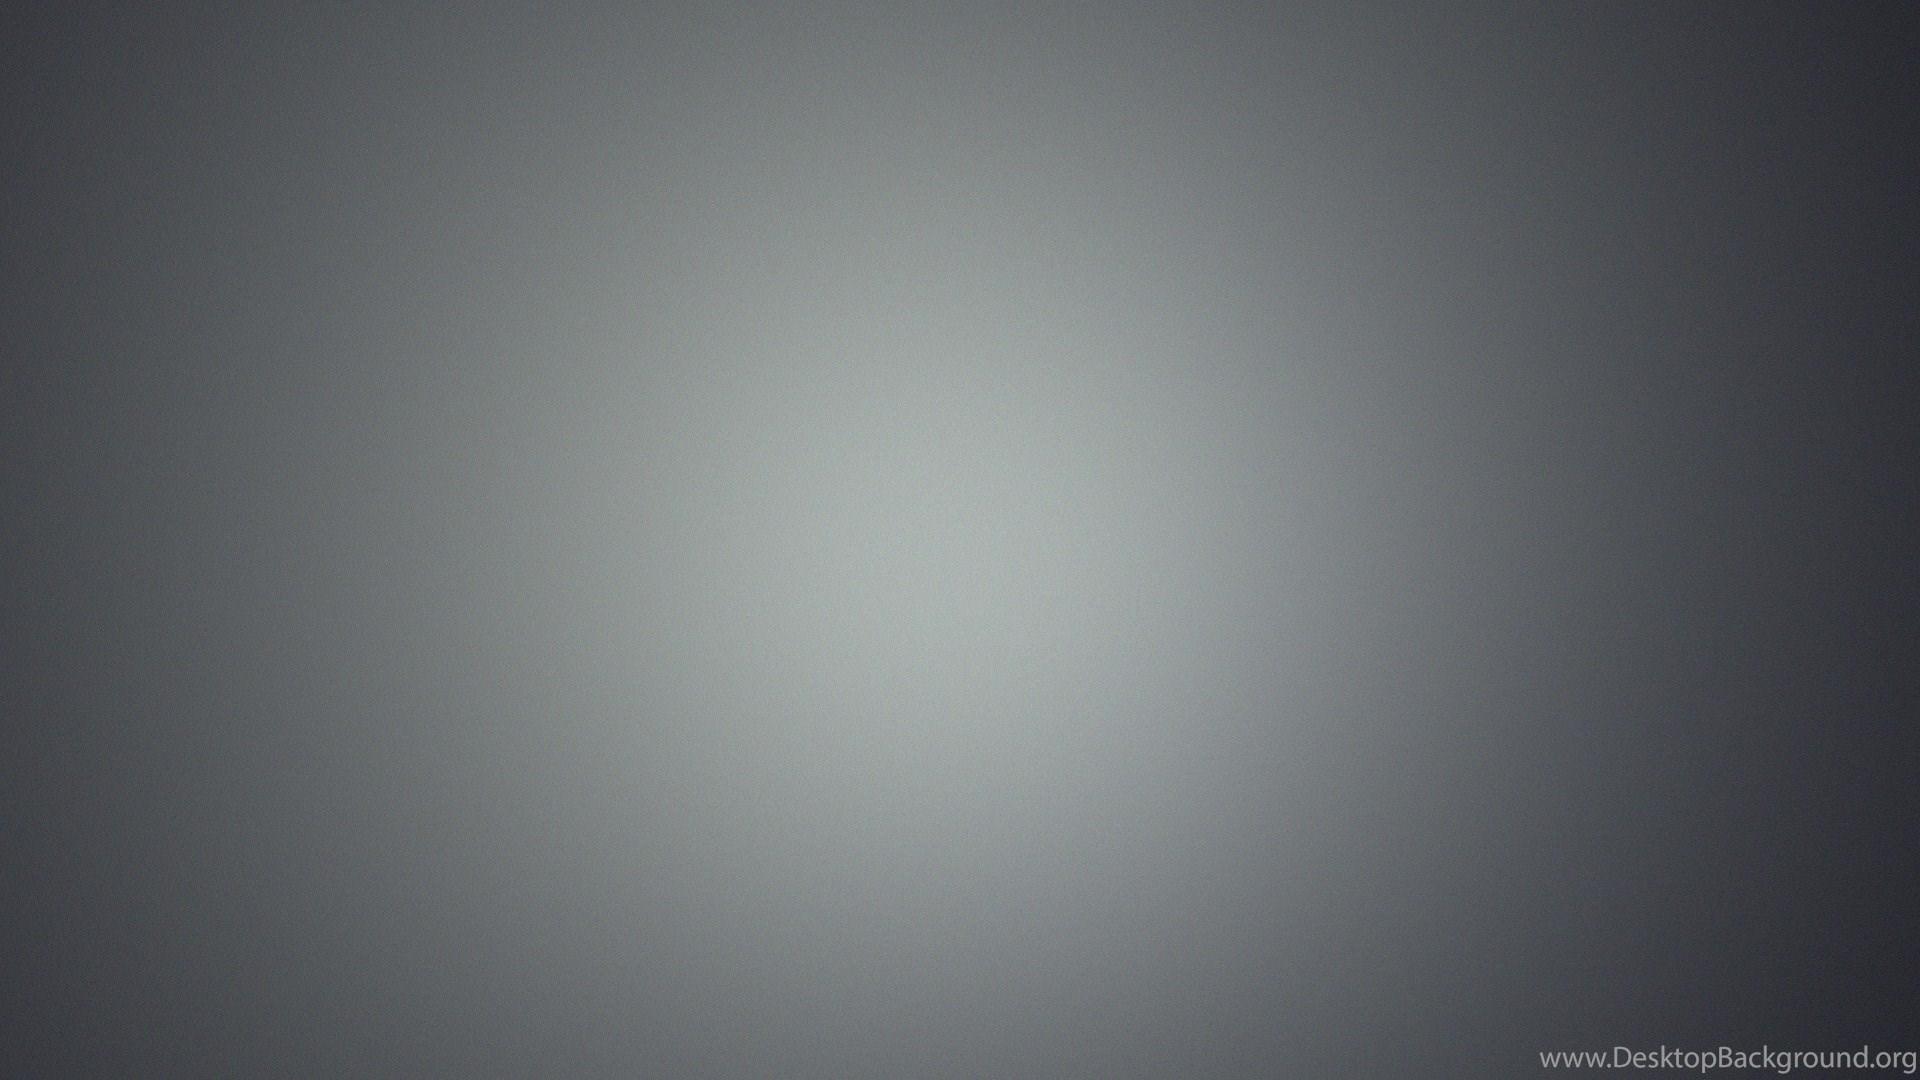 download textures gradient wallpapers 1920x1080 desktop background